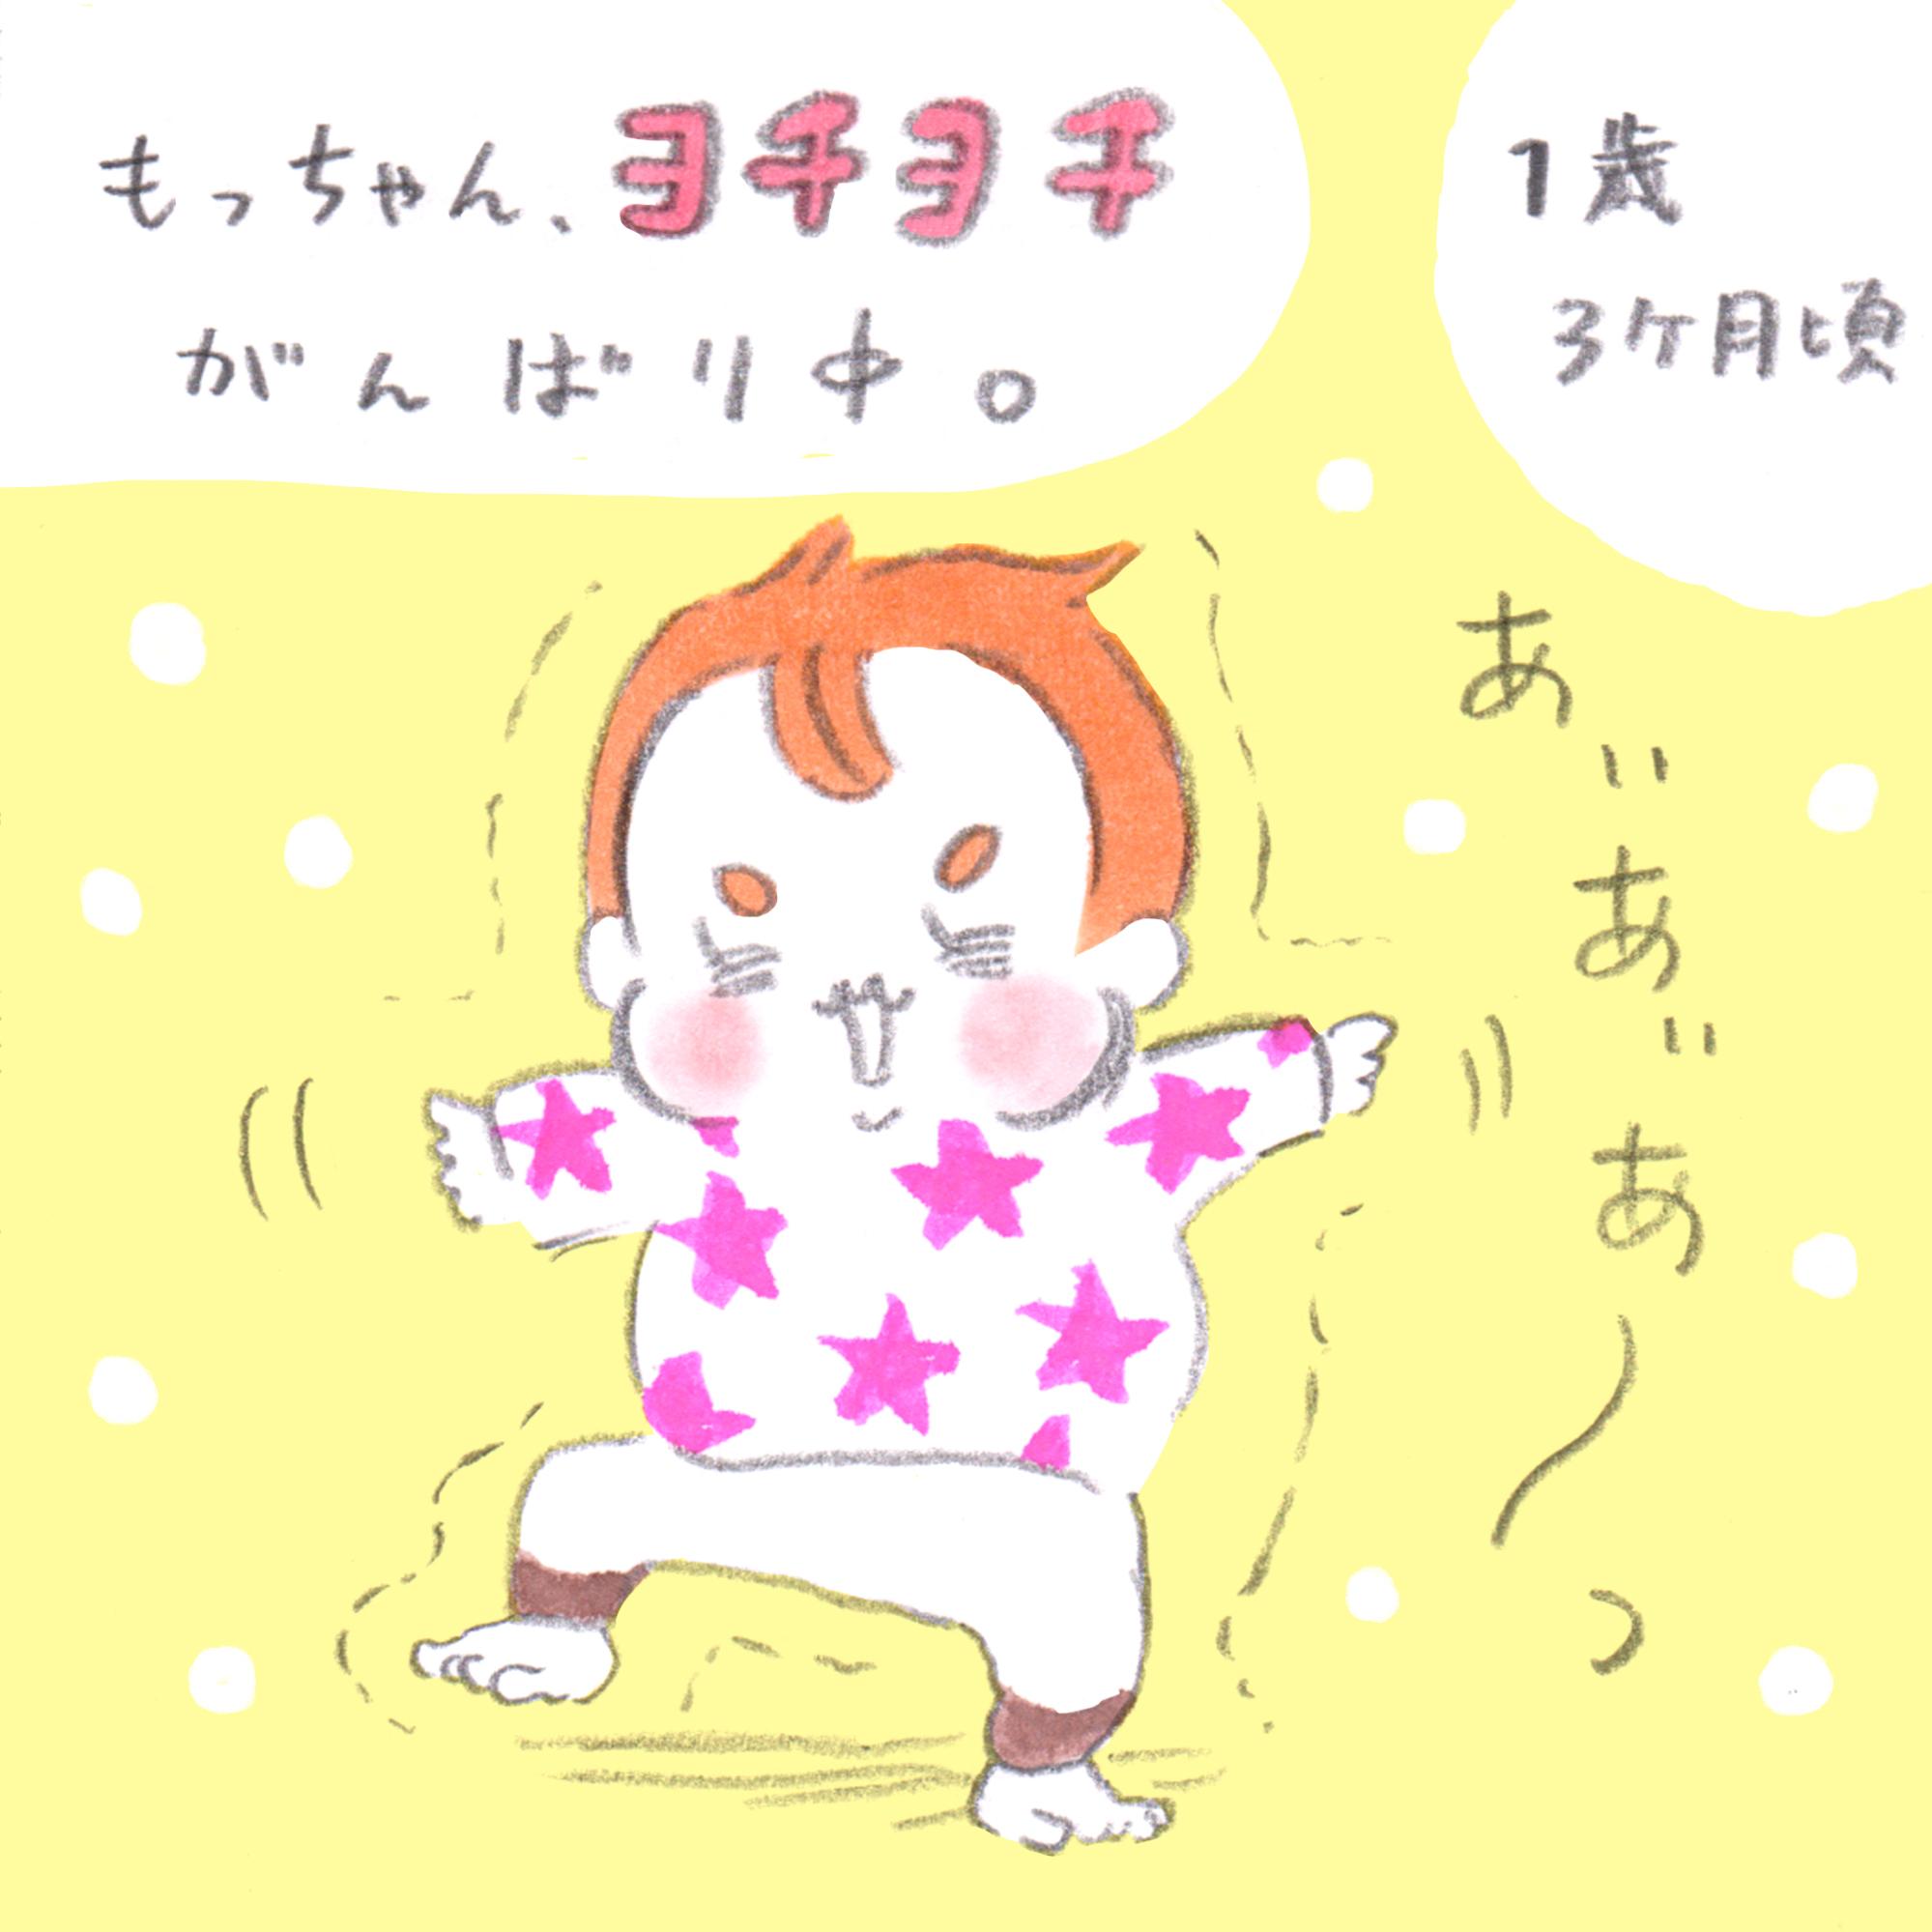 ヨチヨチ歩き練習中の「上げて落とす」手法|た〜ぼ〜さんちの天使たち #9